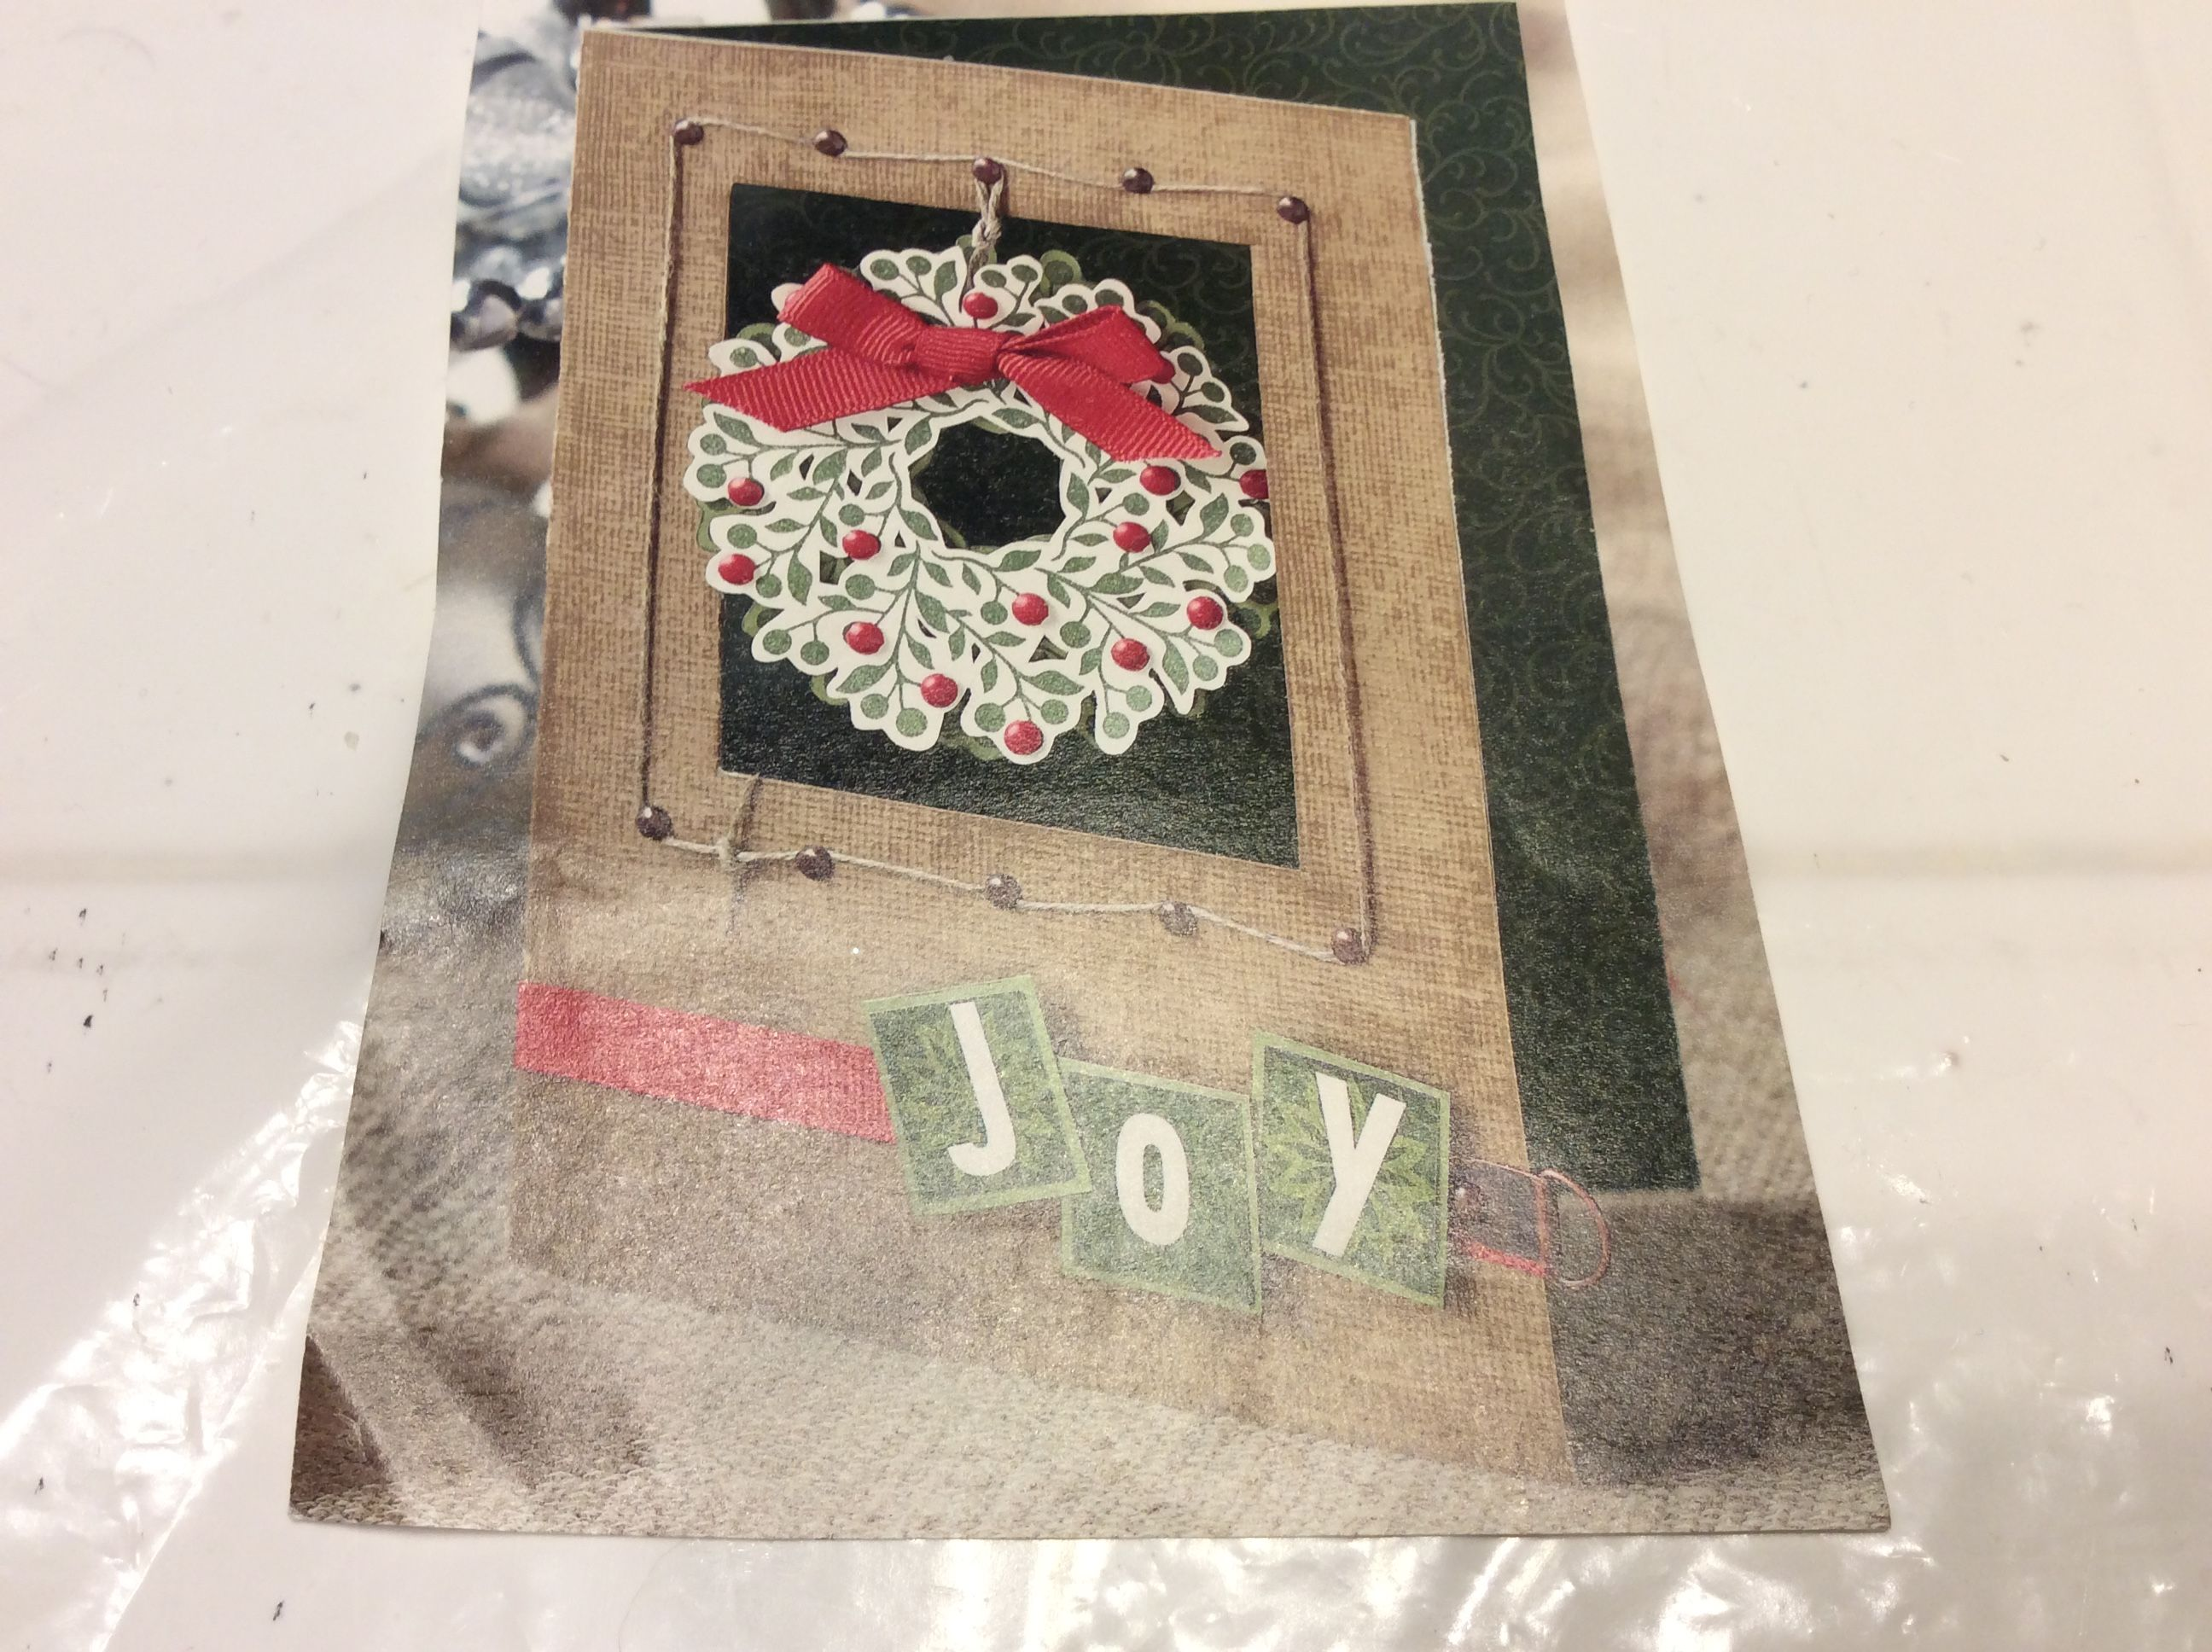 pinelaine raynor vogel on christmas card ideas